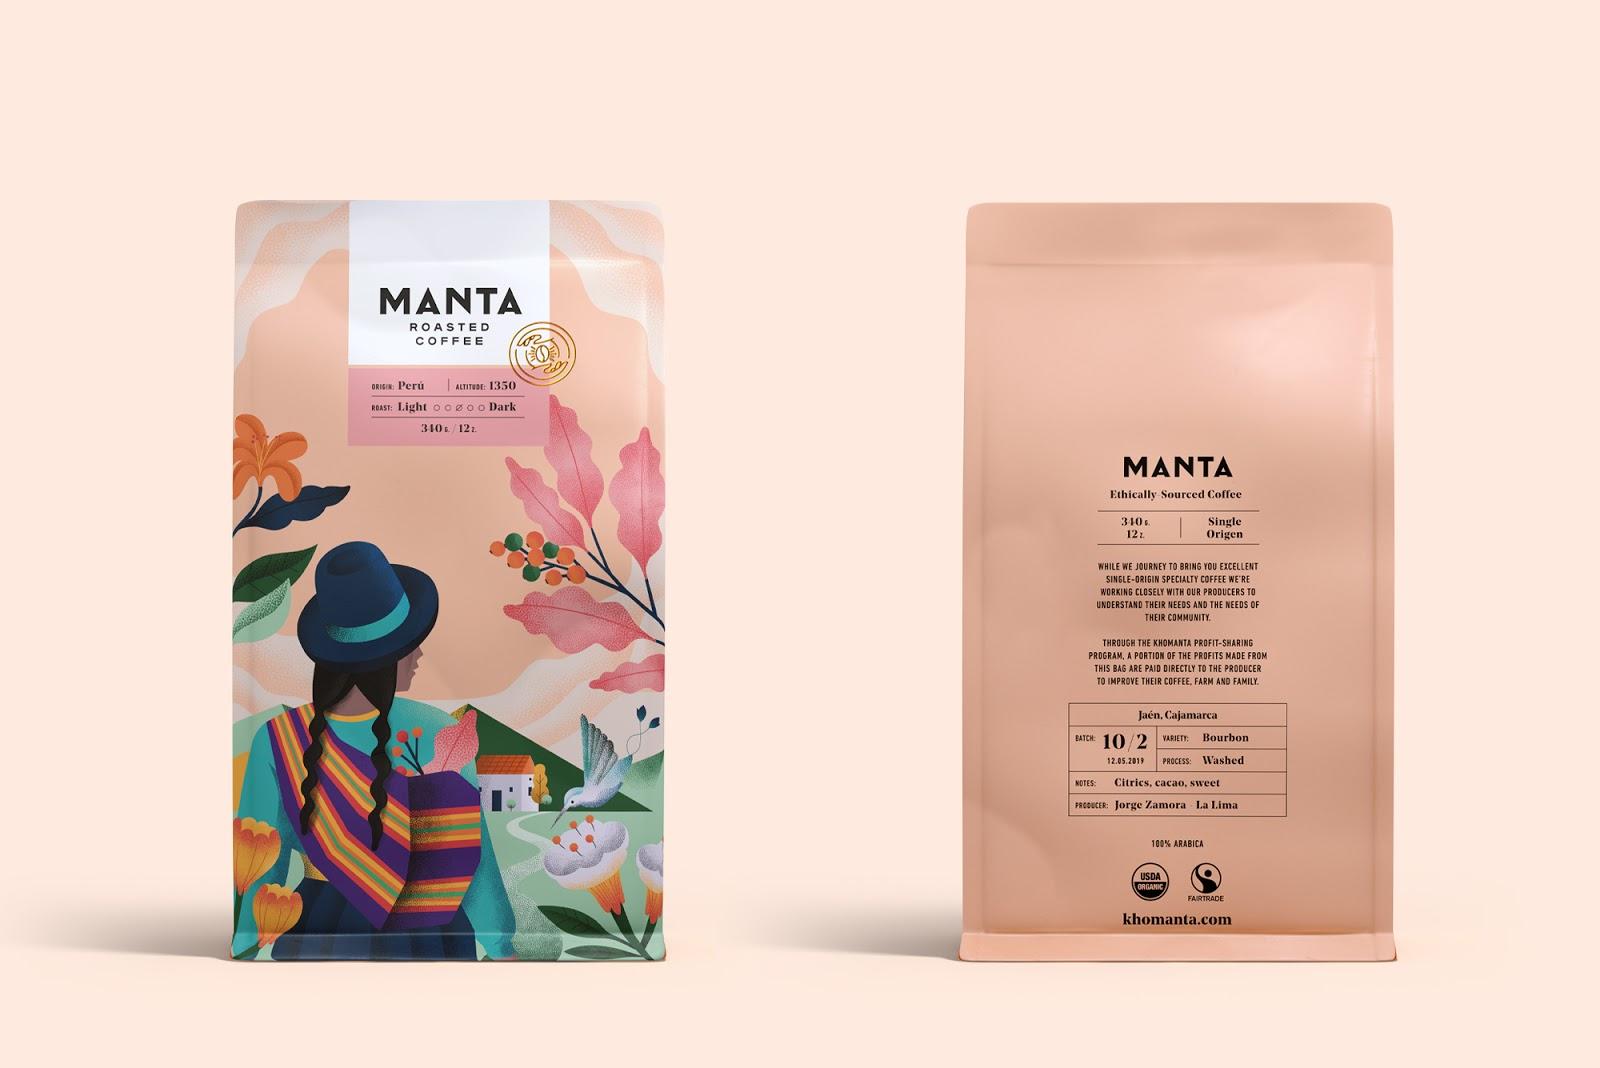 秘鲁风情插画为灵感的Manta咖啡包装365bet官网